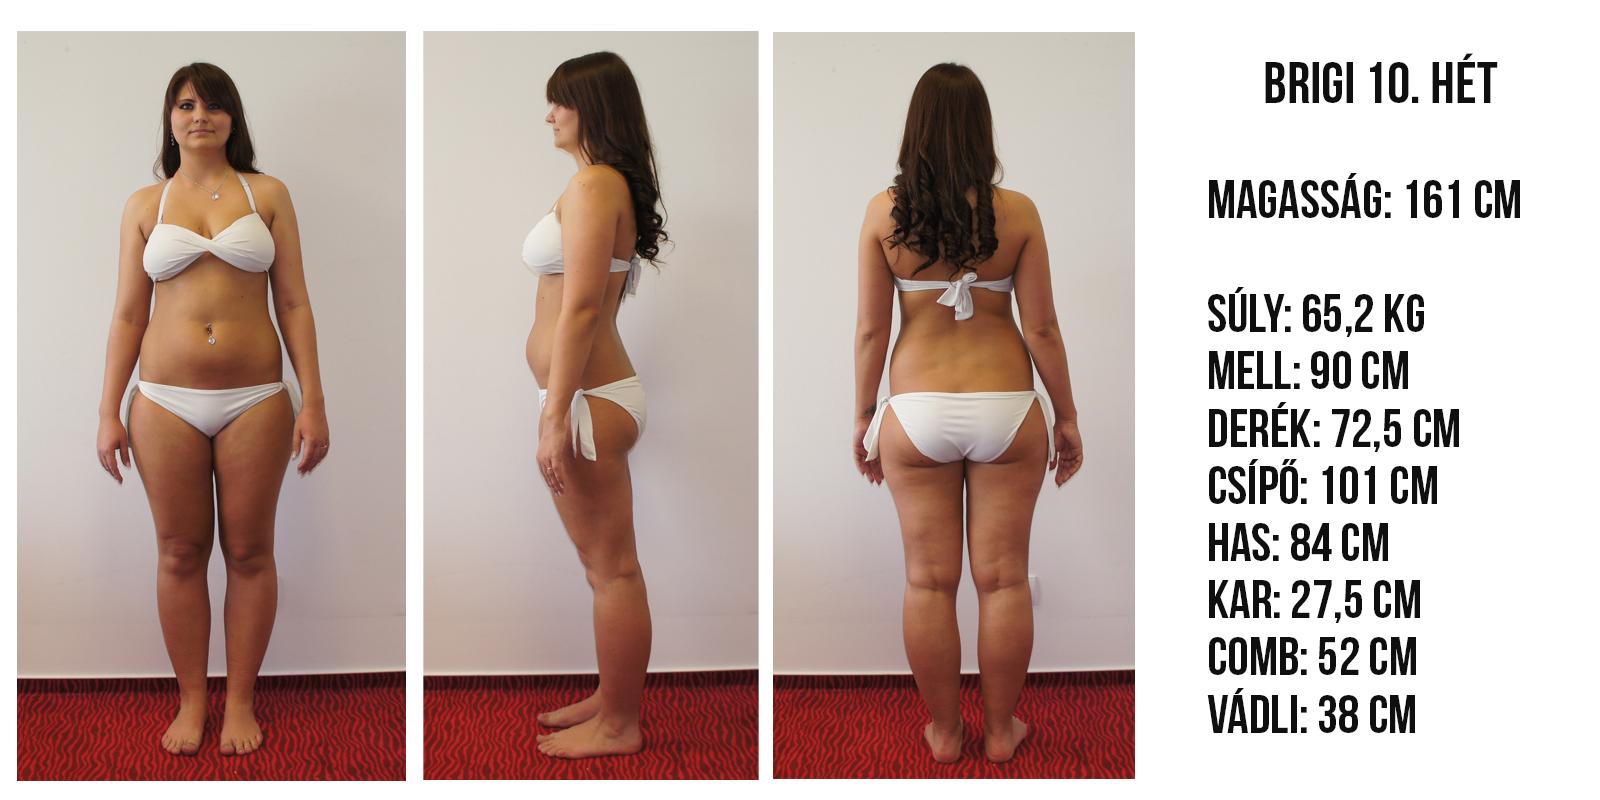 Grazing-diéta: így fogyj 2 hét alatt 5 kilót - mintaétrenddel! | romance-tv.hu